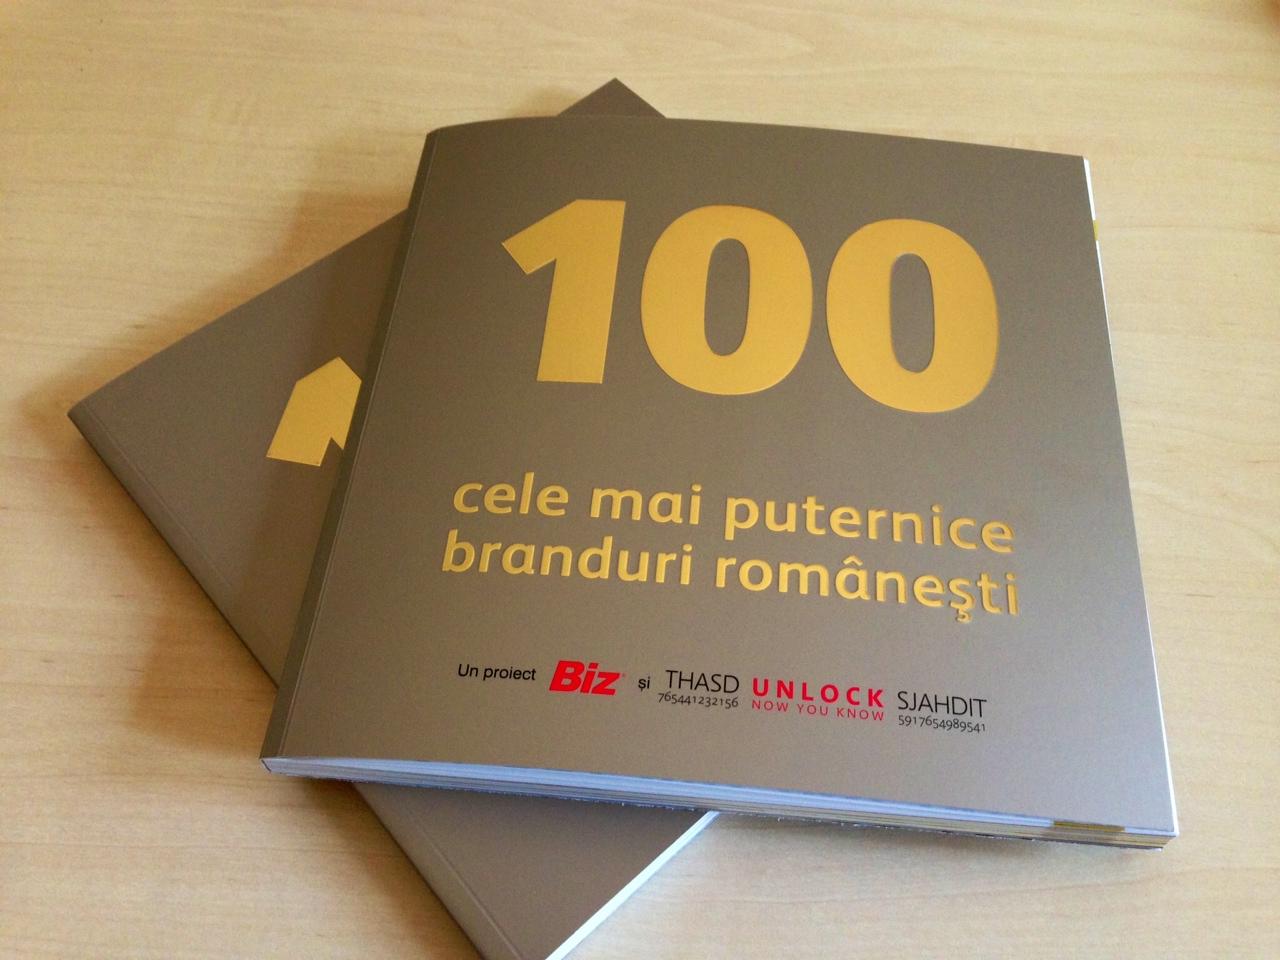 Top 100 cele mai puternice branduri romanesti